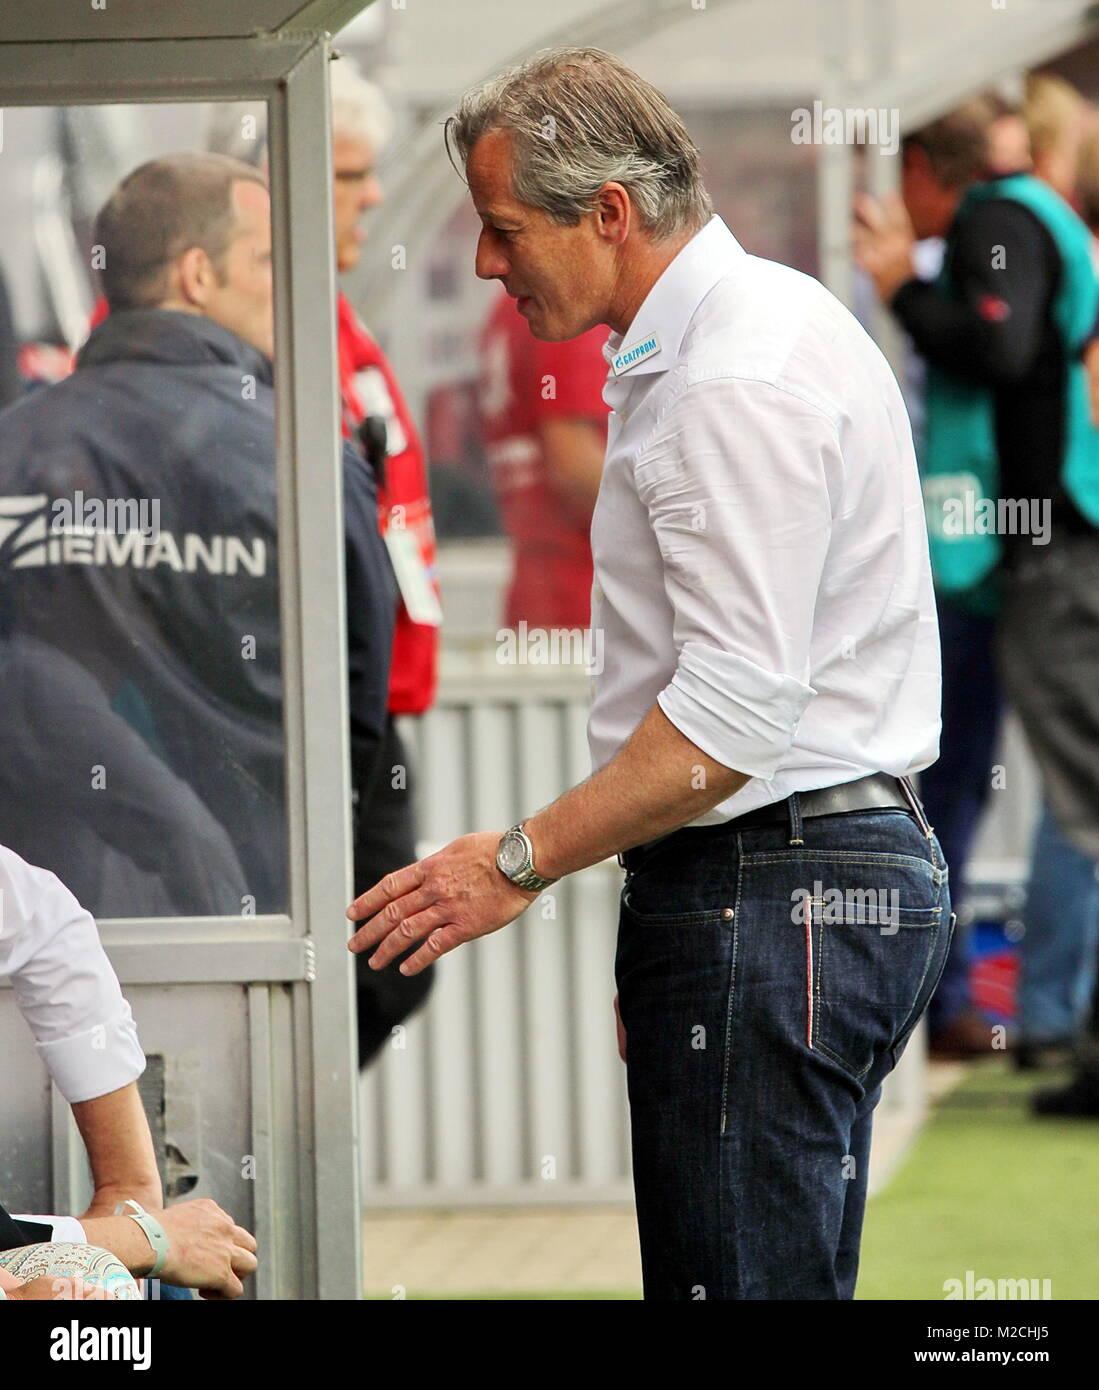 Fußball-Bundesliga: 34. Spieltag, SC Freiburg vs FC Schalke 04 - Jens Keller, Chef-Coach der Knappen, schaffte - Stock Image